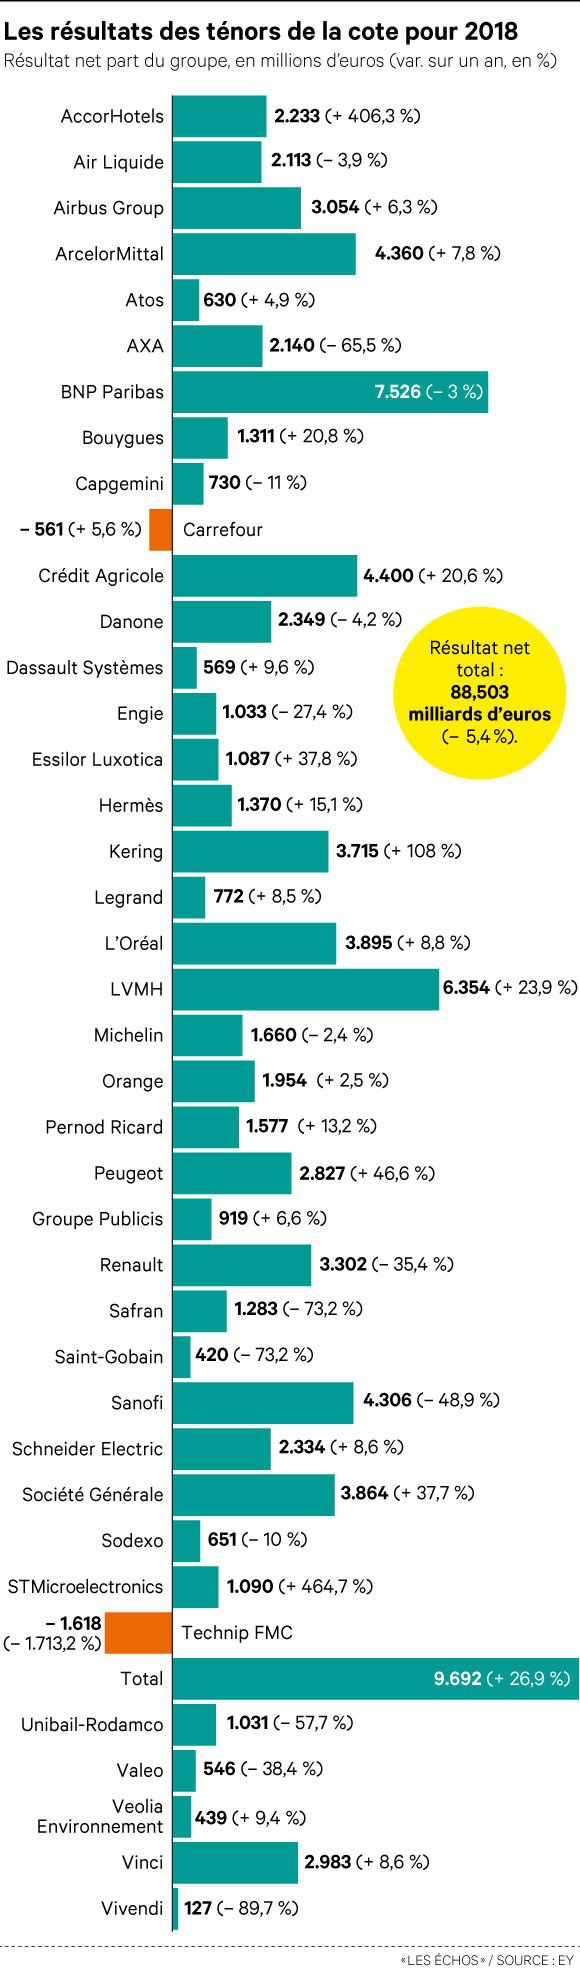 Les entreprises du CAC 40 ont dégagé 88,5milliards de profits en 2018